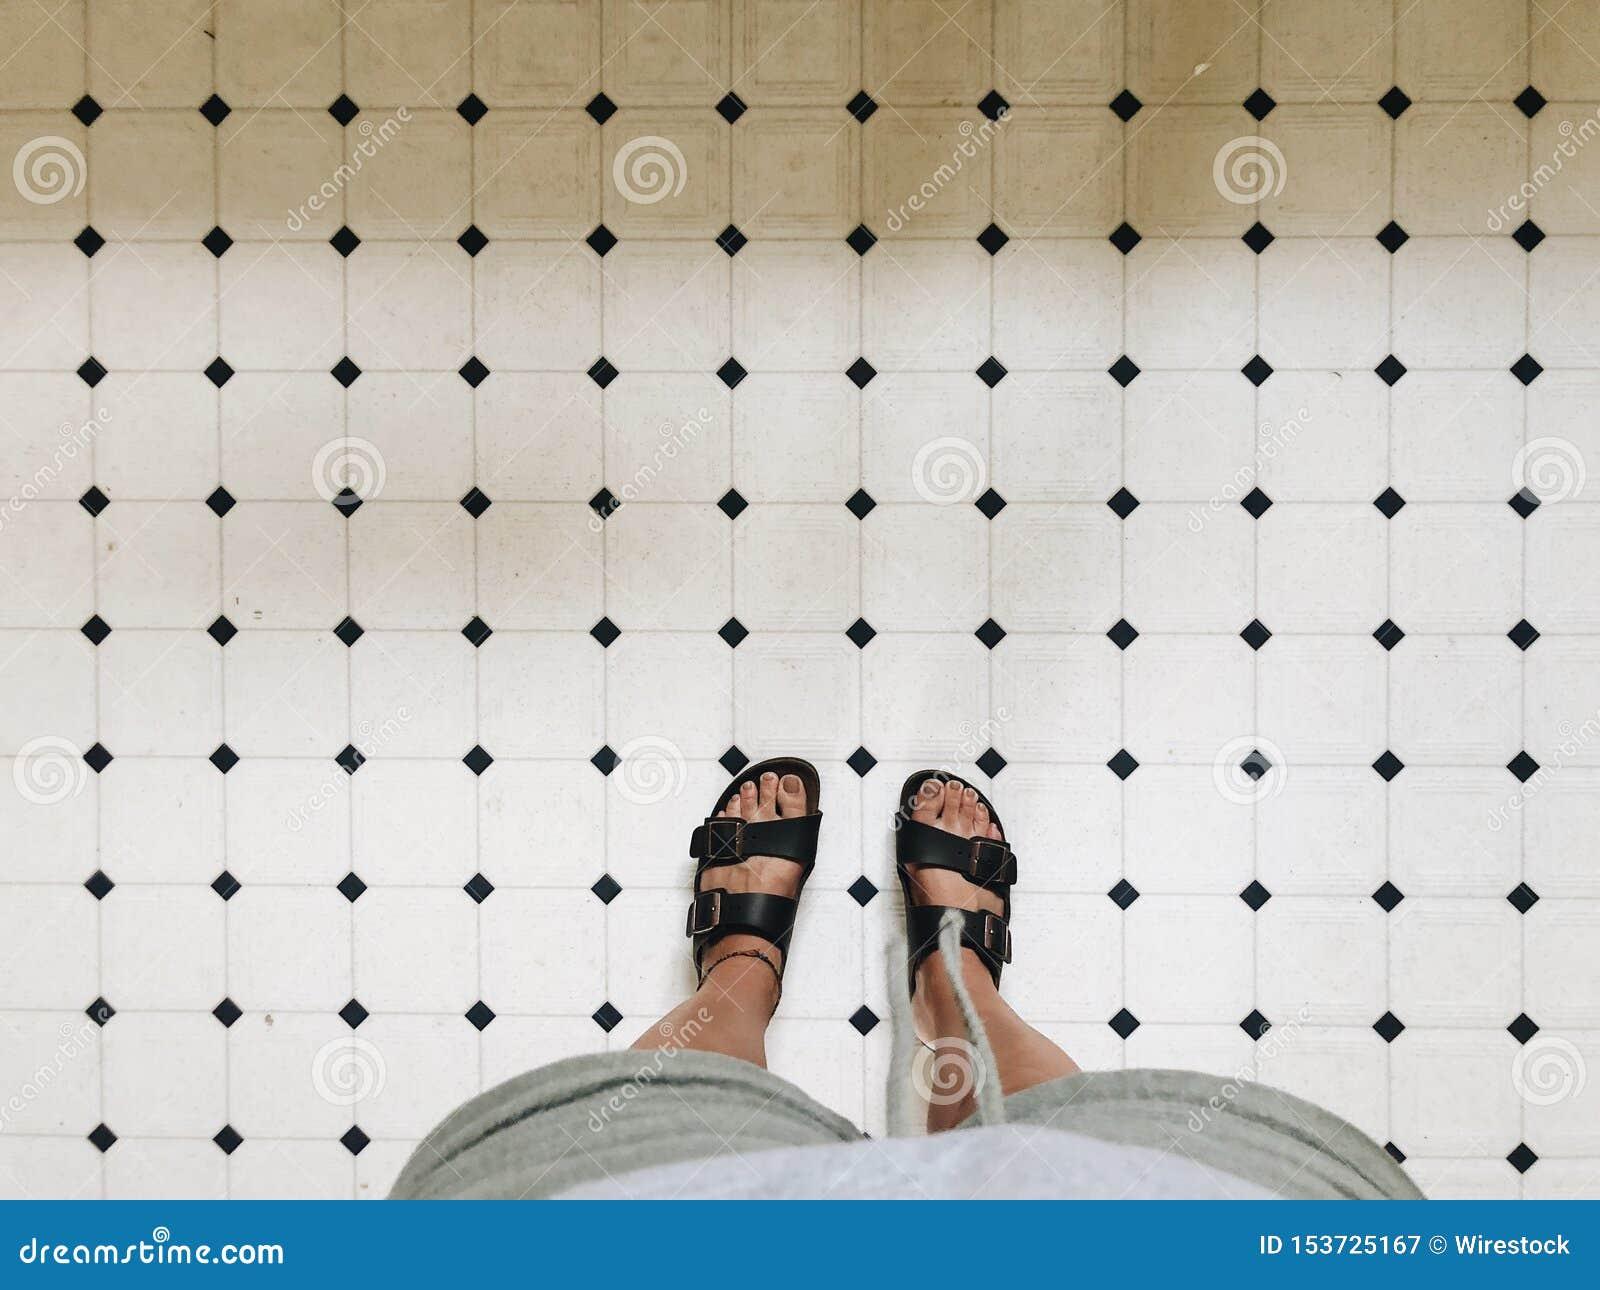 一个人的脚凉鞋的在白色瓦片在卫生间里